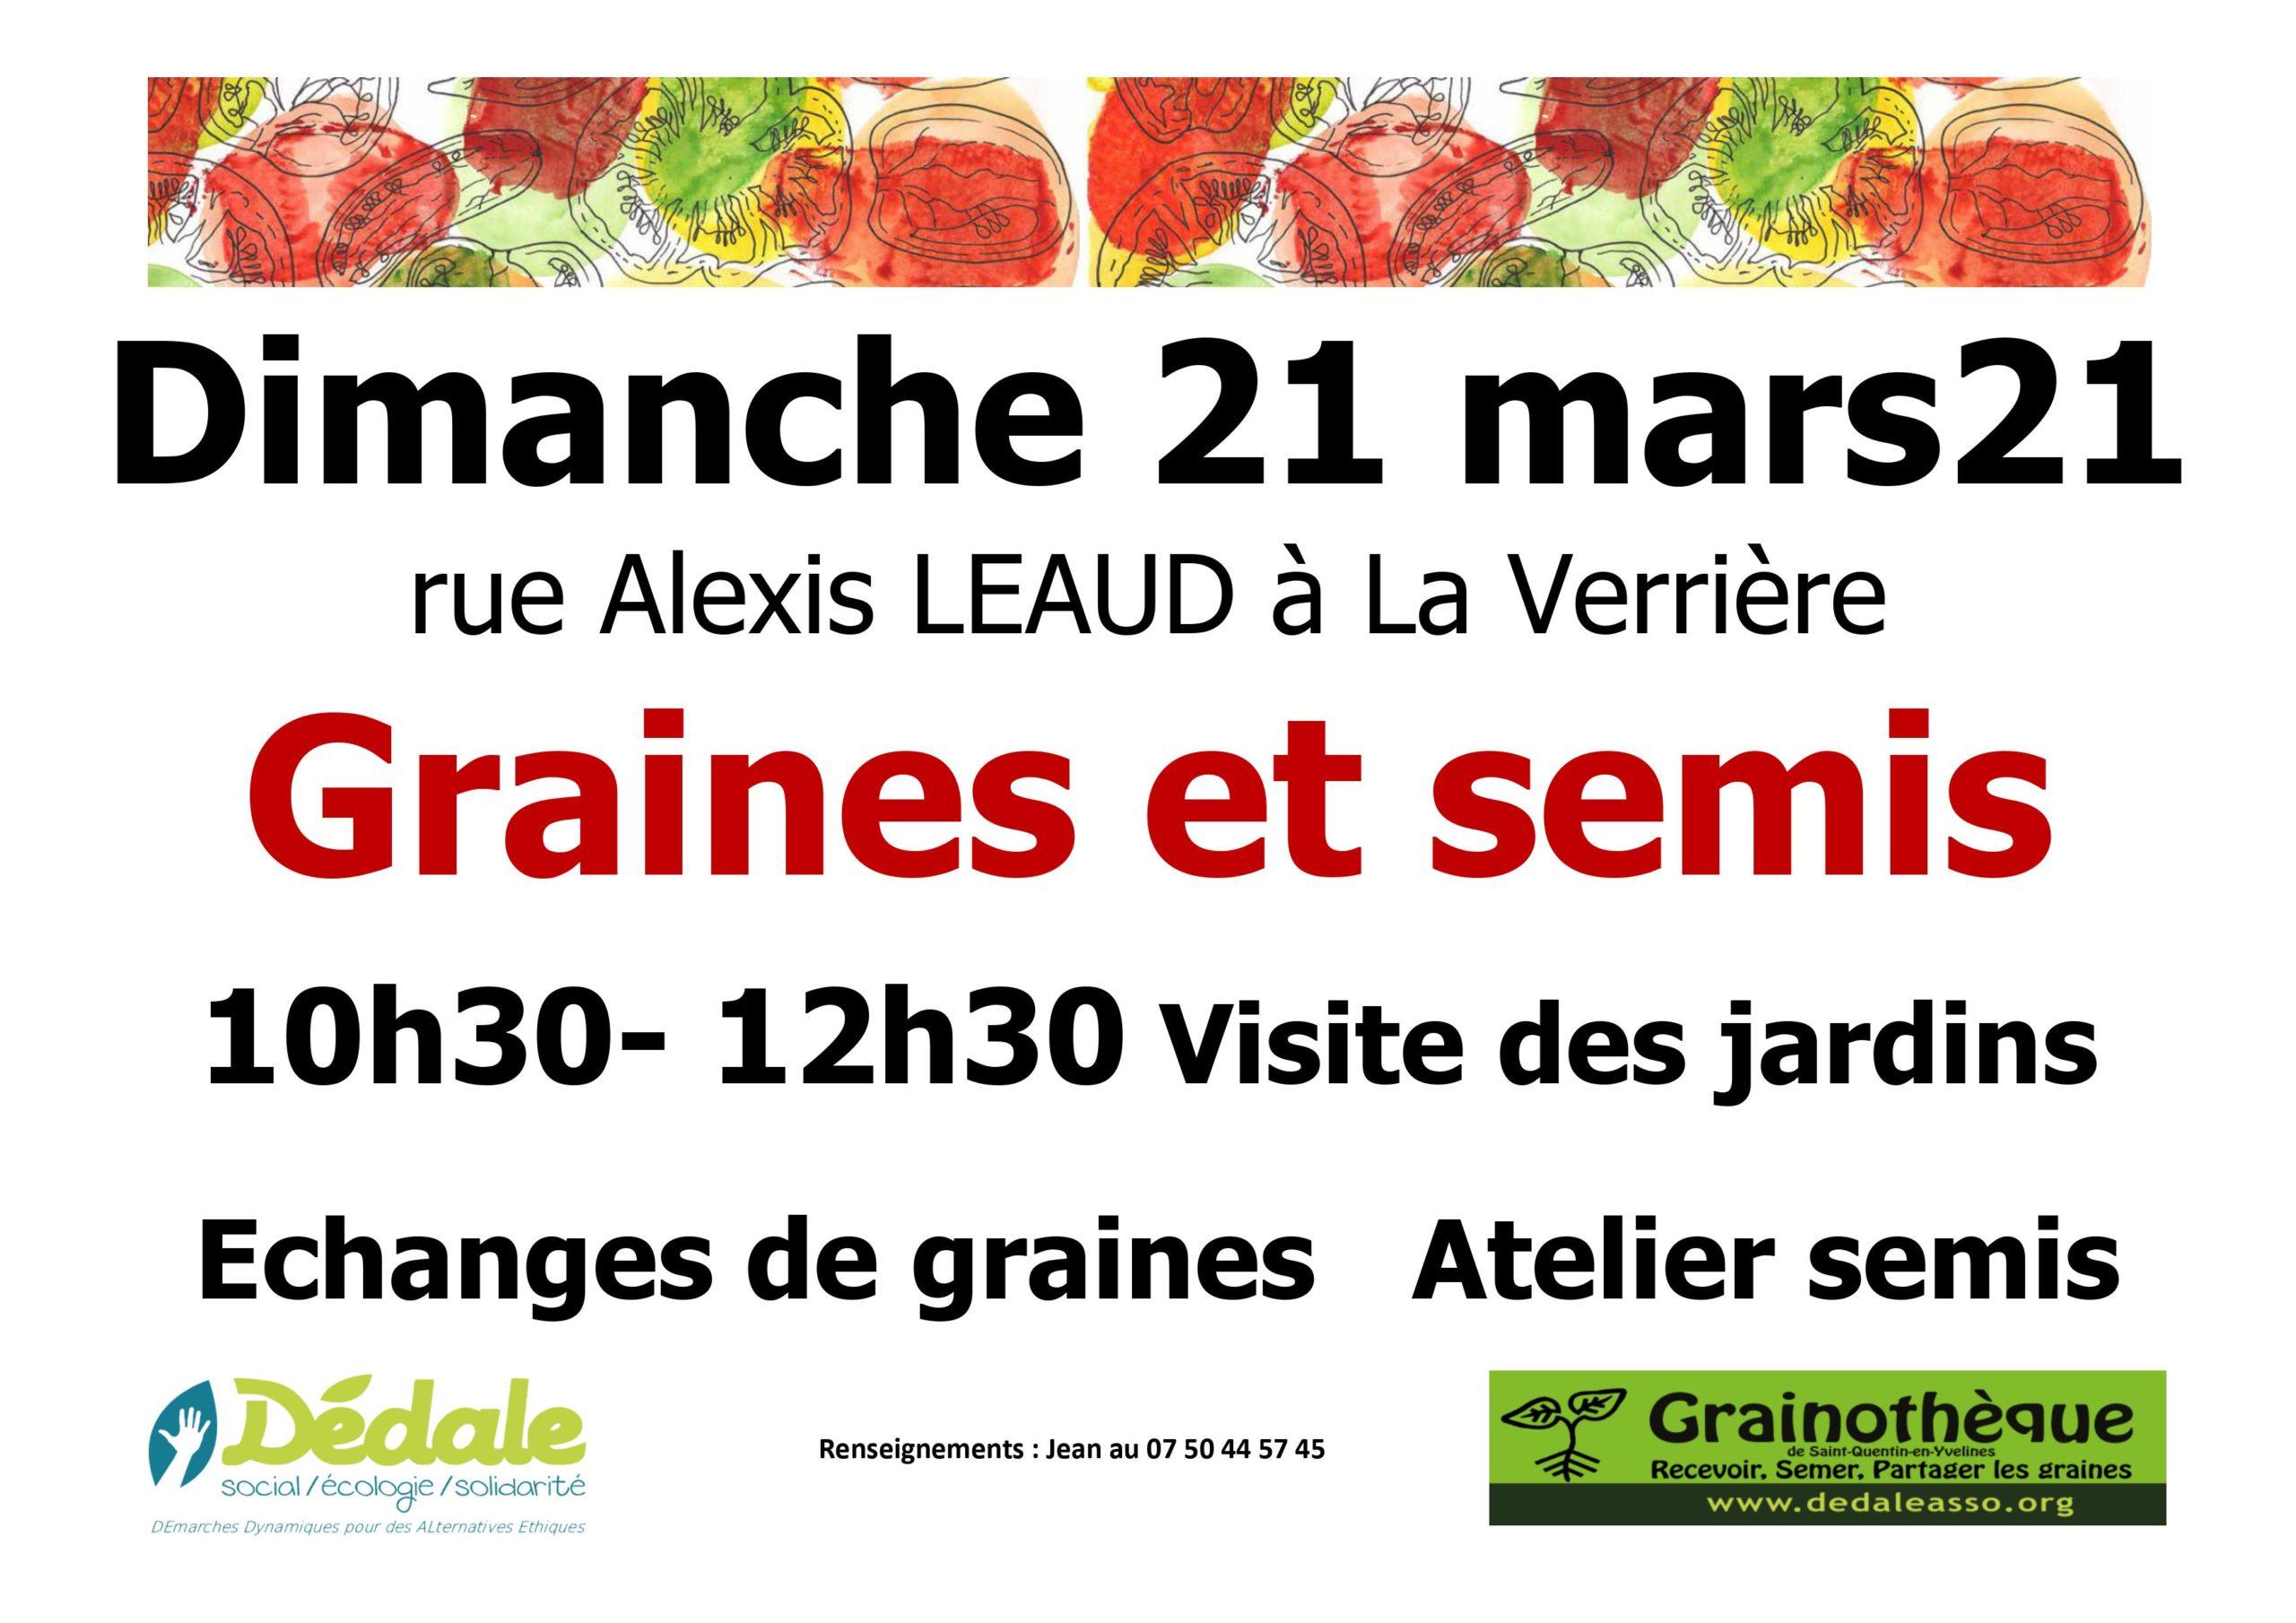 Échange de graines et atelier de semis à La Verrière 🗓